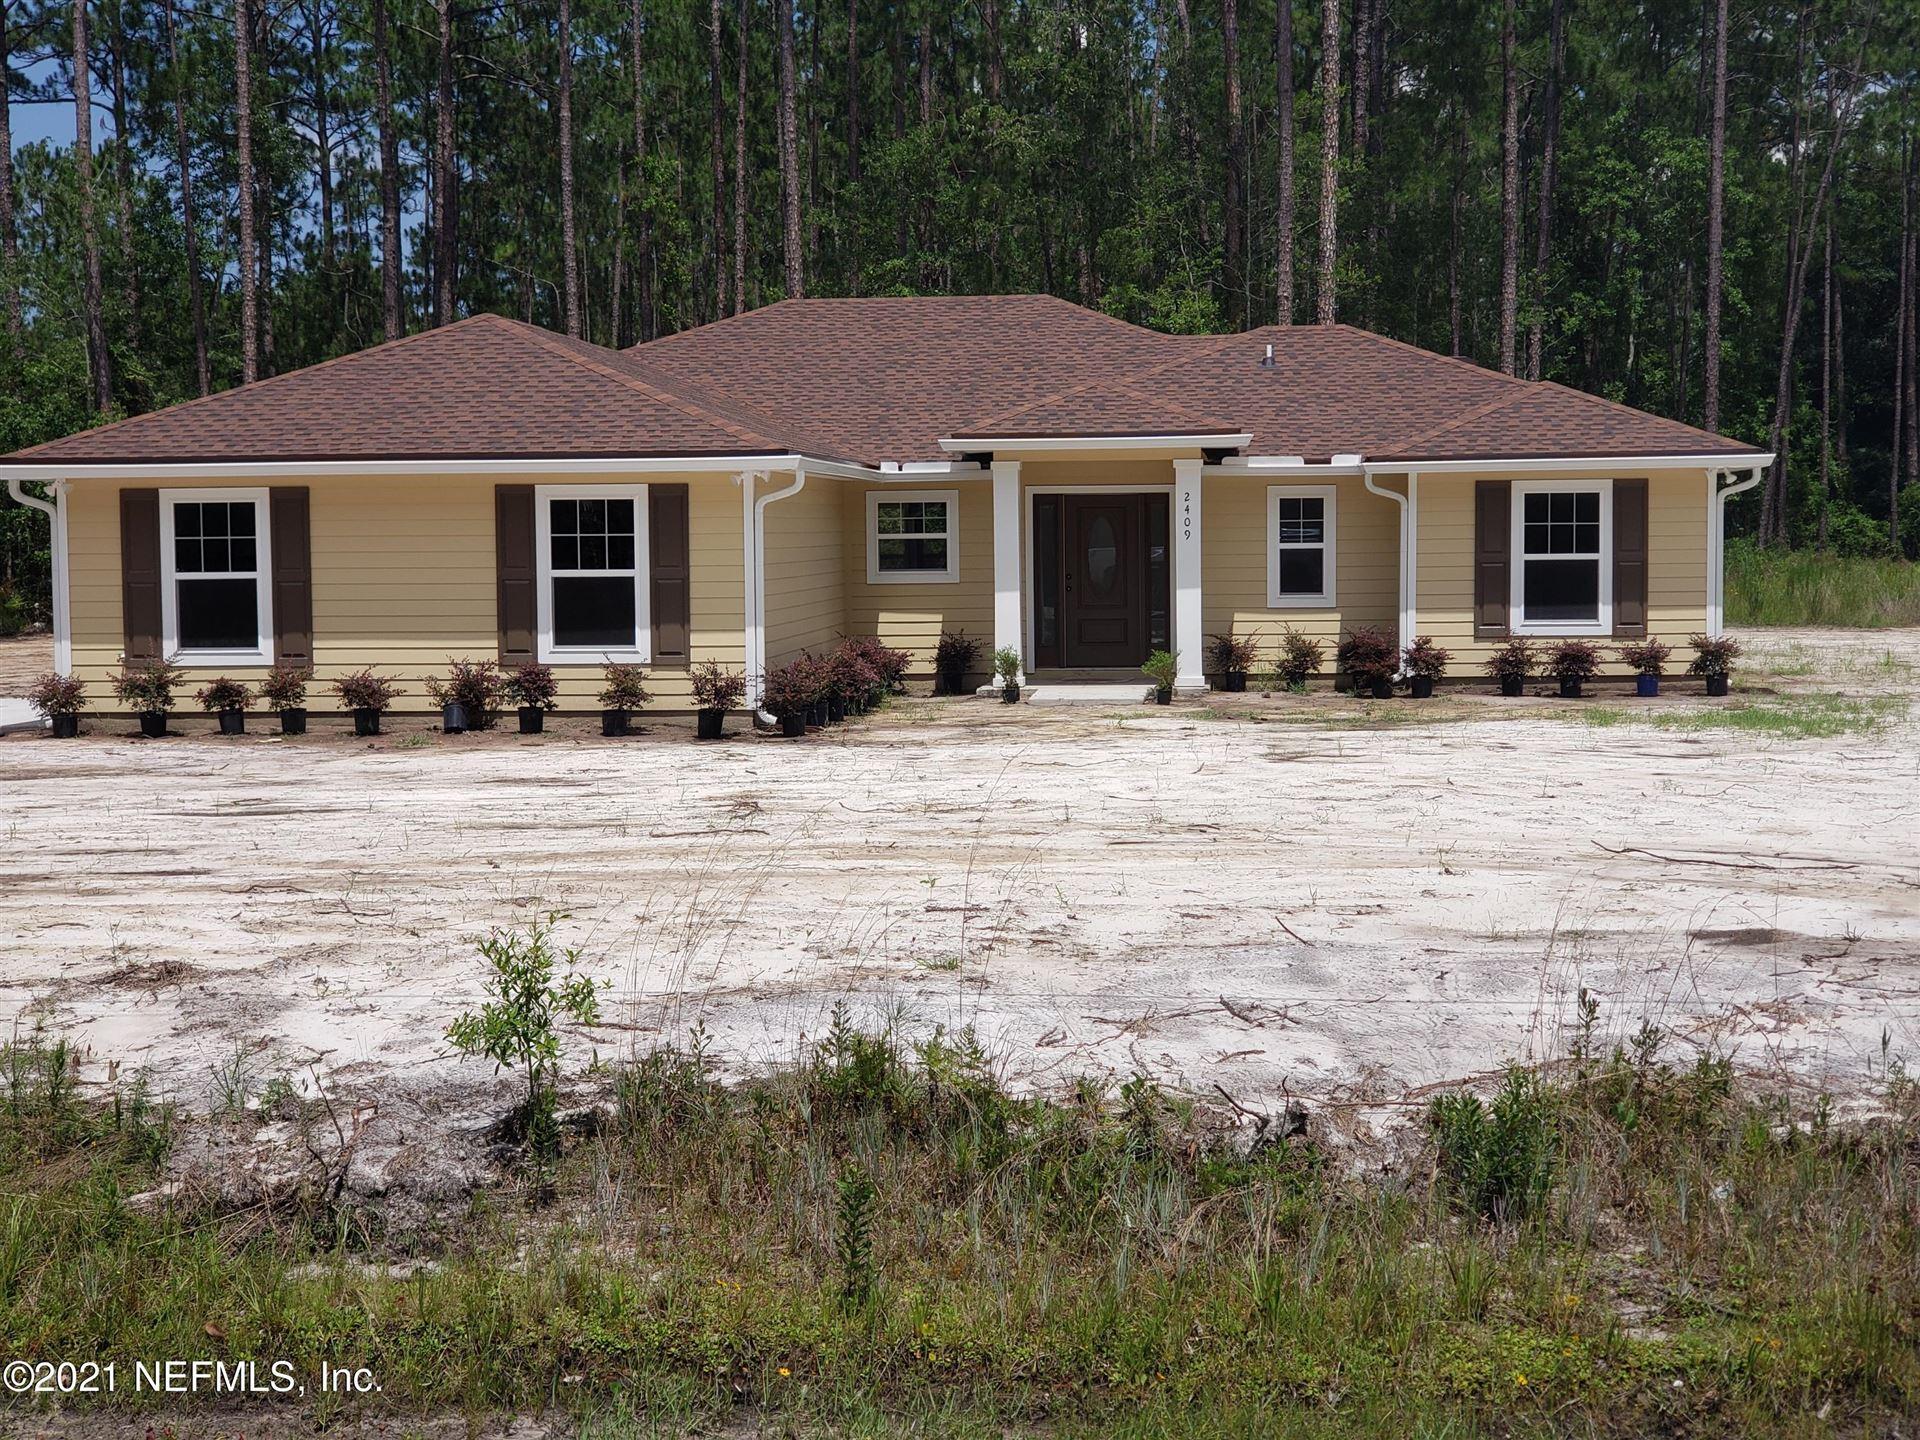 4604 PEPPERGRASS ST #Unit No: 2 Lot No: 3, Middleburg, FL 32068 - MLS#: 1108969